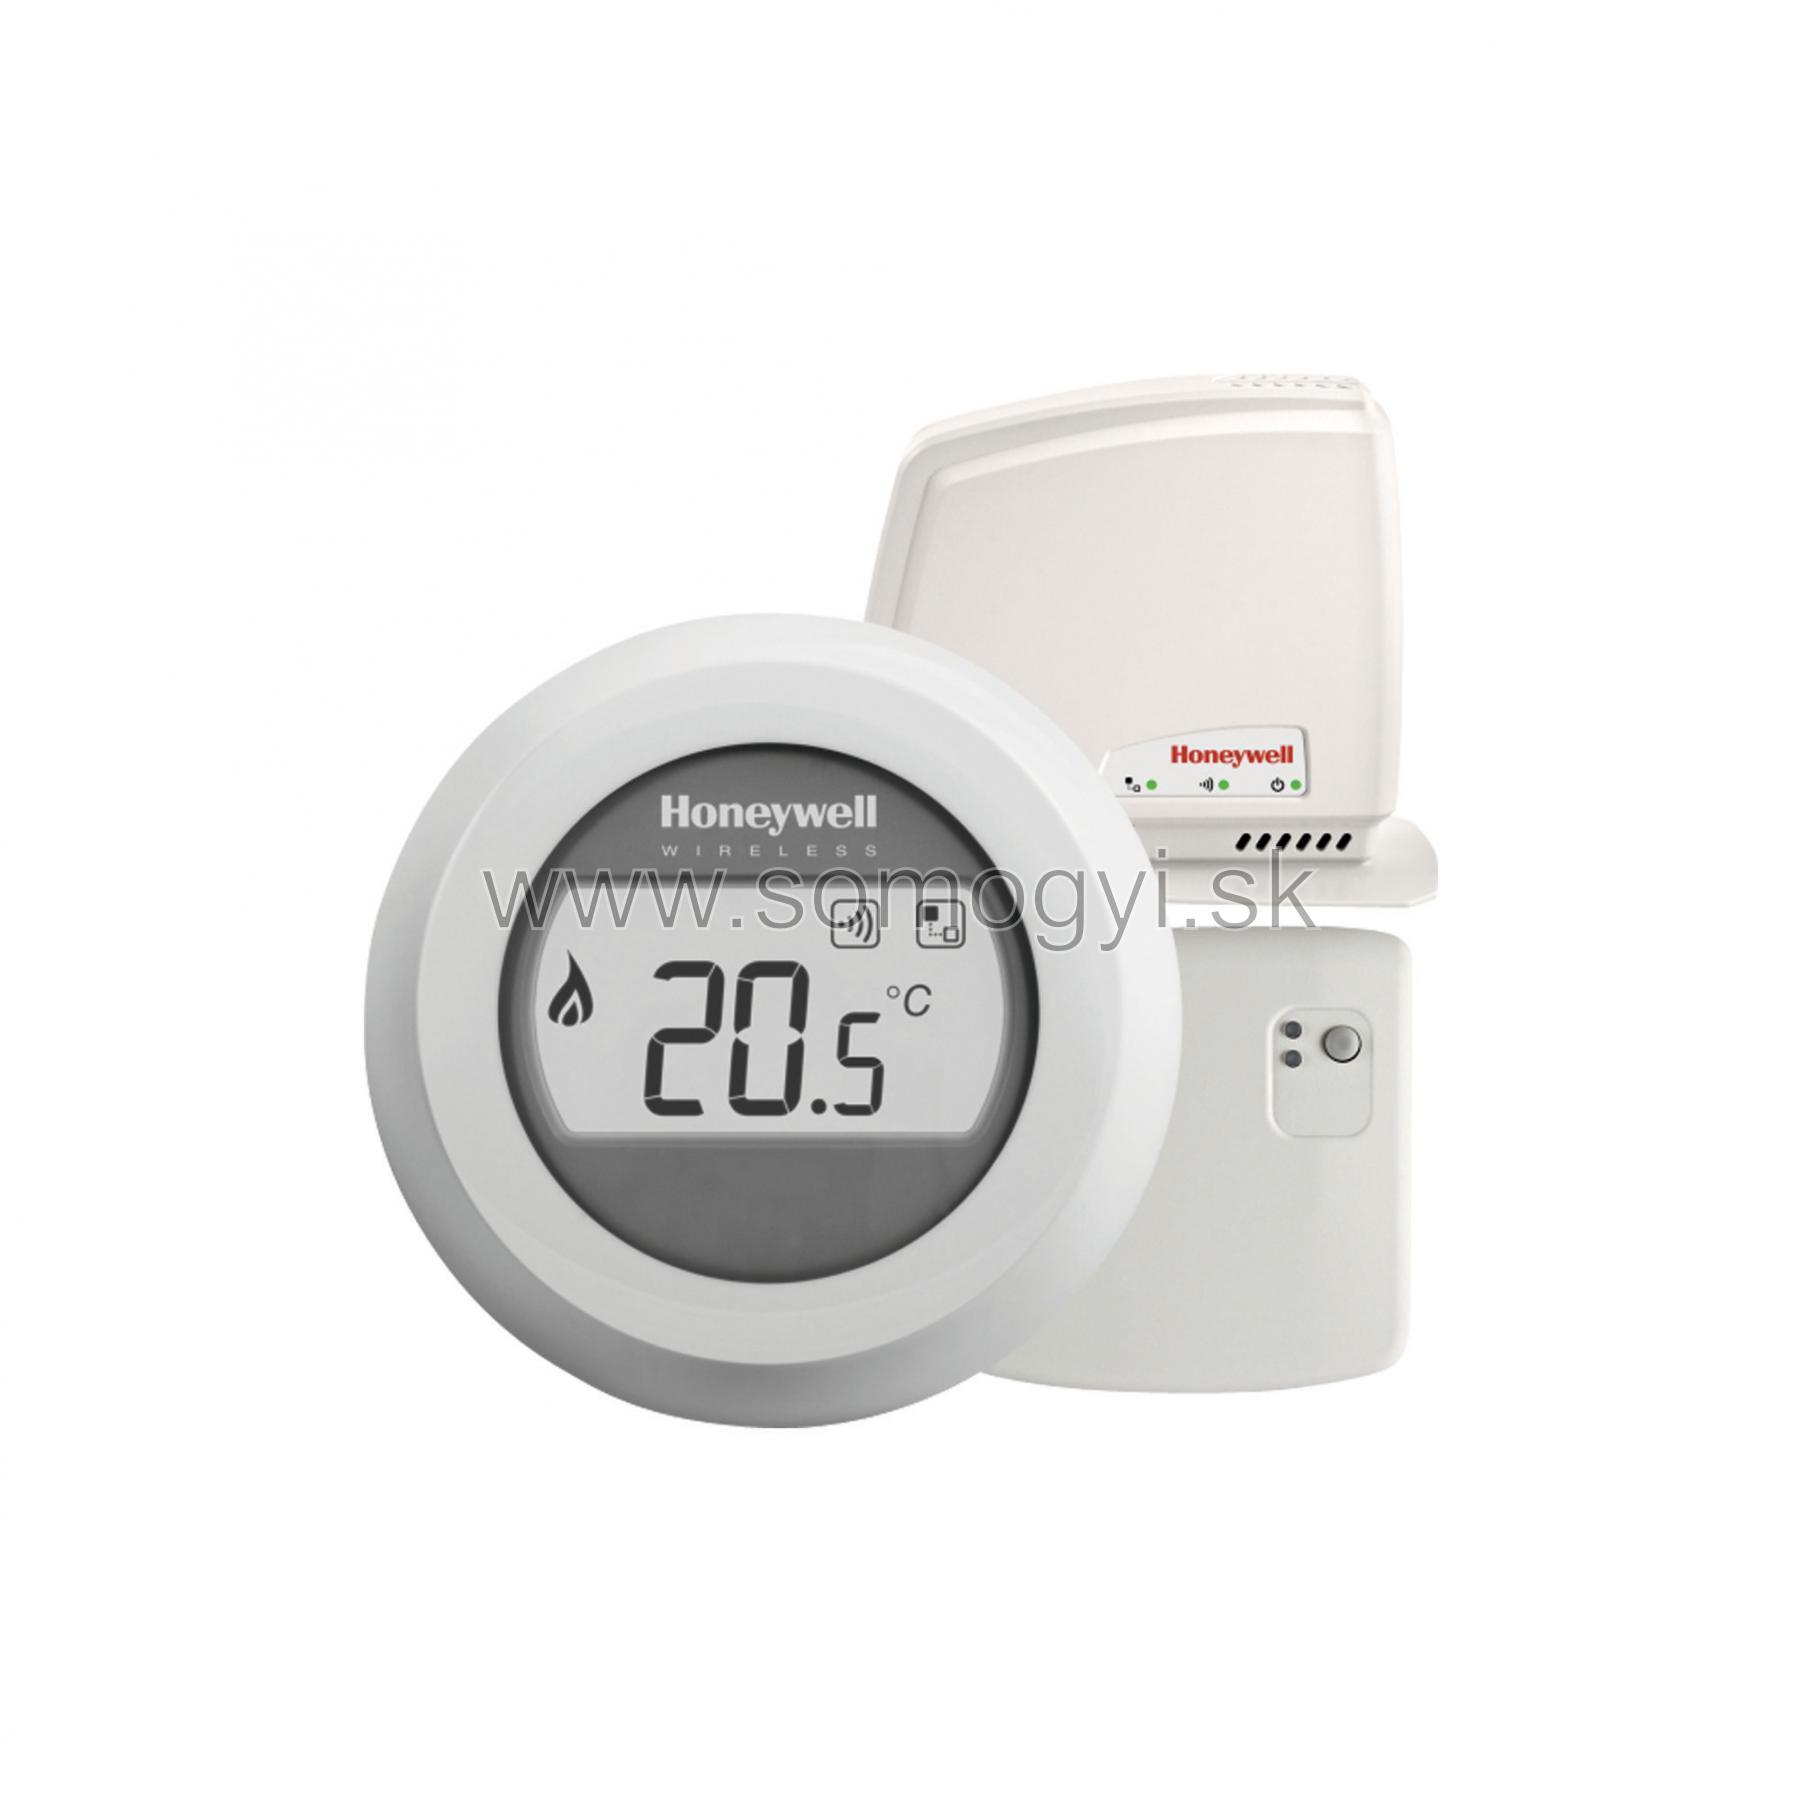 ako sa vám pripojiť termostat uwo datovania